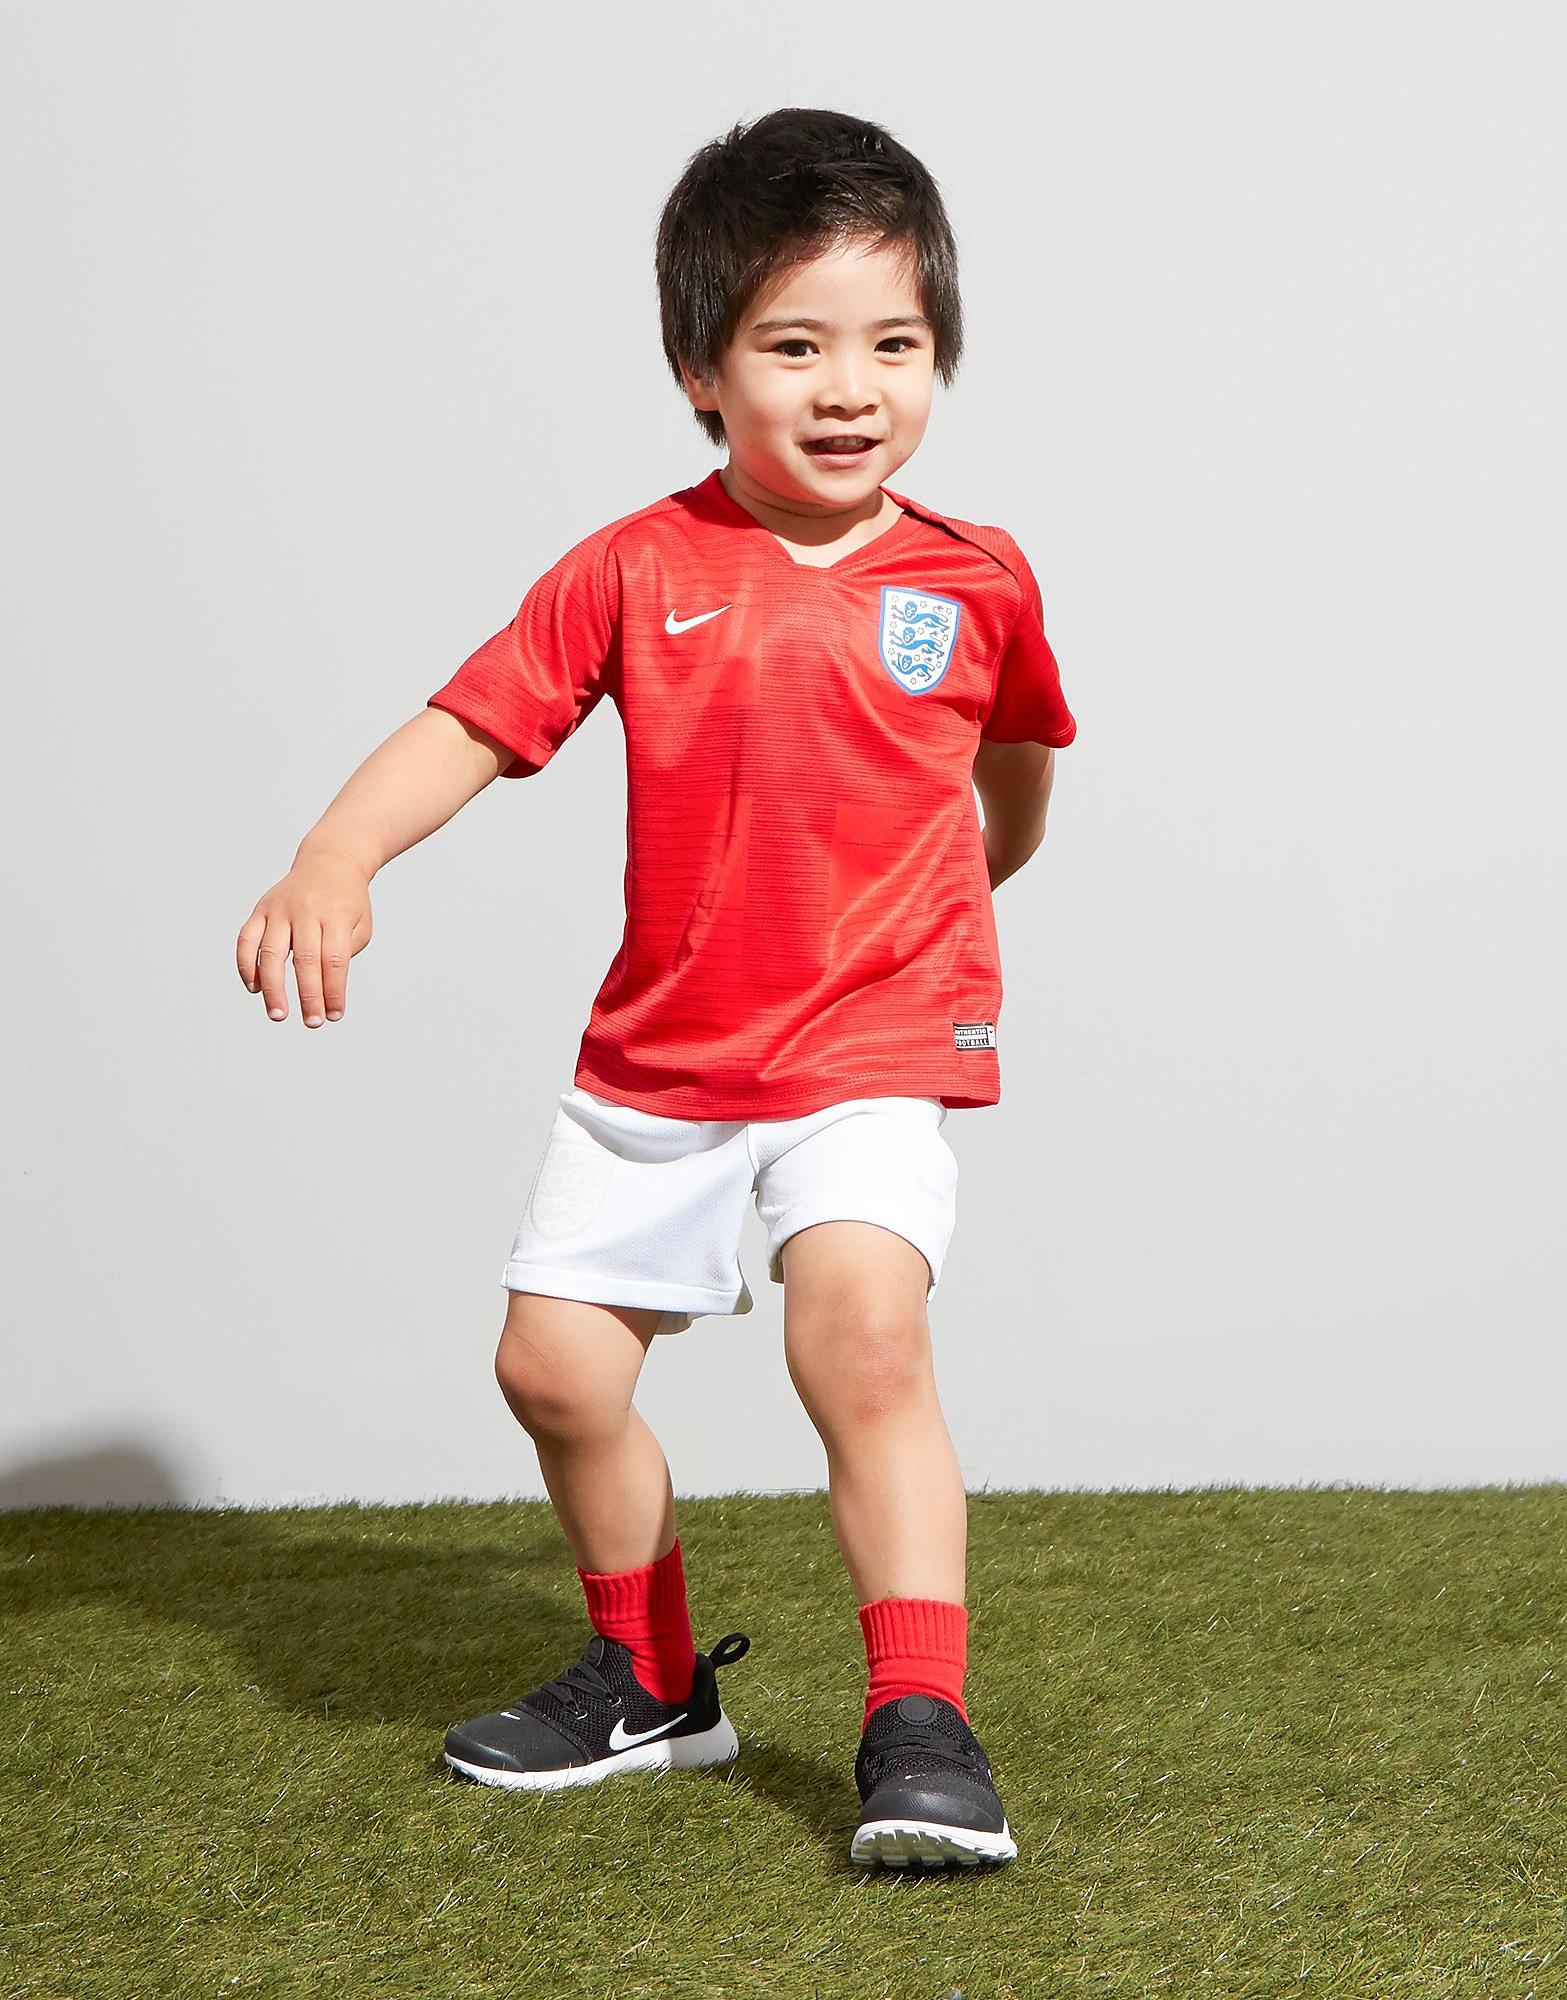 Nike England 2018 Bortaset Baby